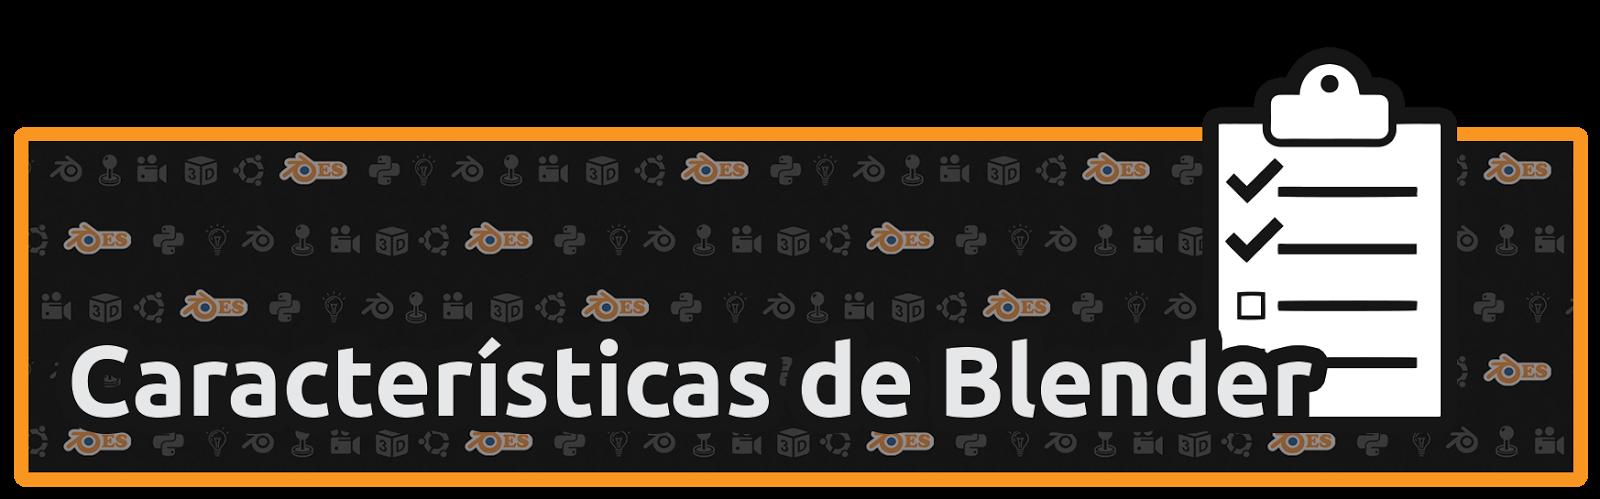 Boton_Características-de-Blender